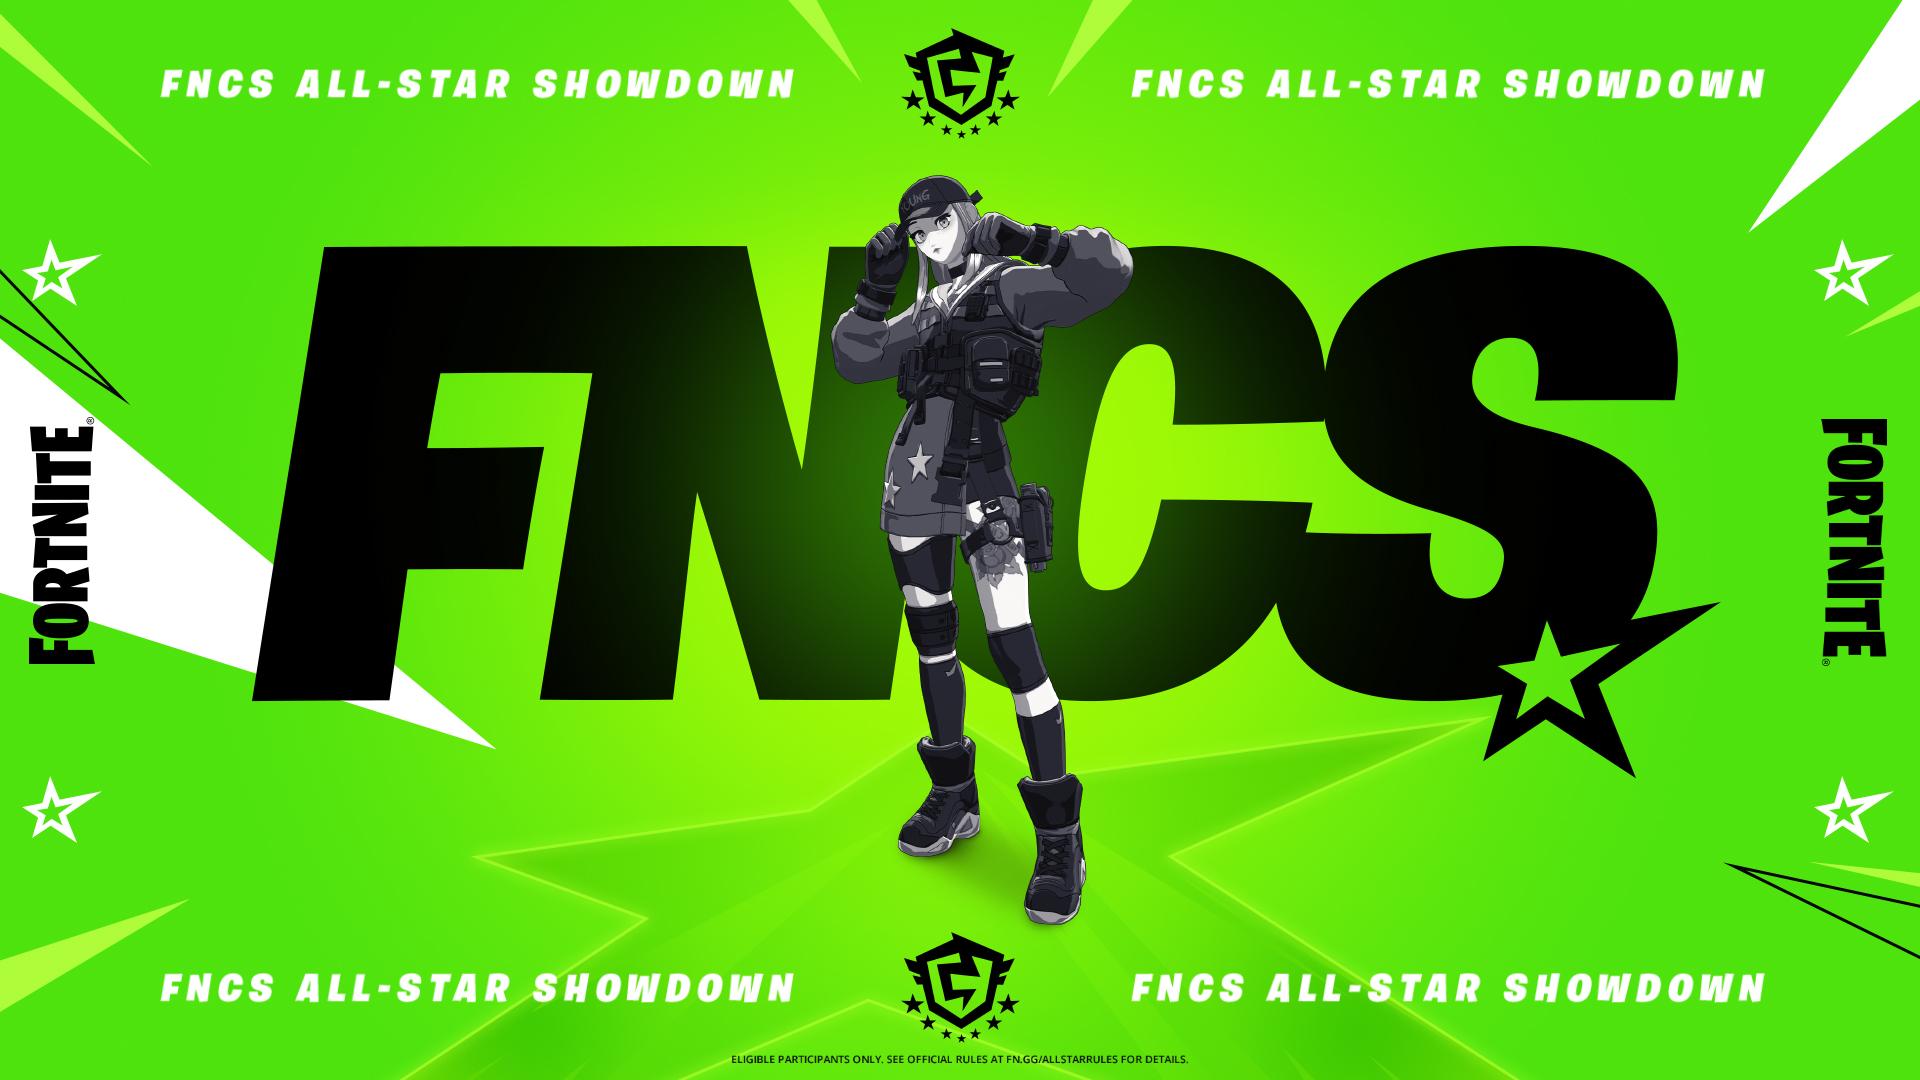 fortnite fncs all star showdown